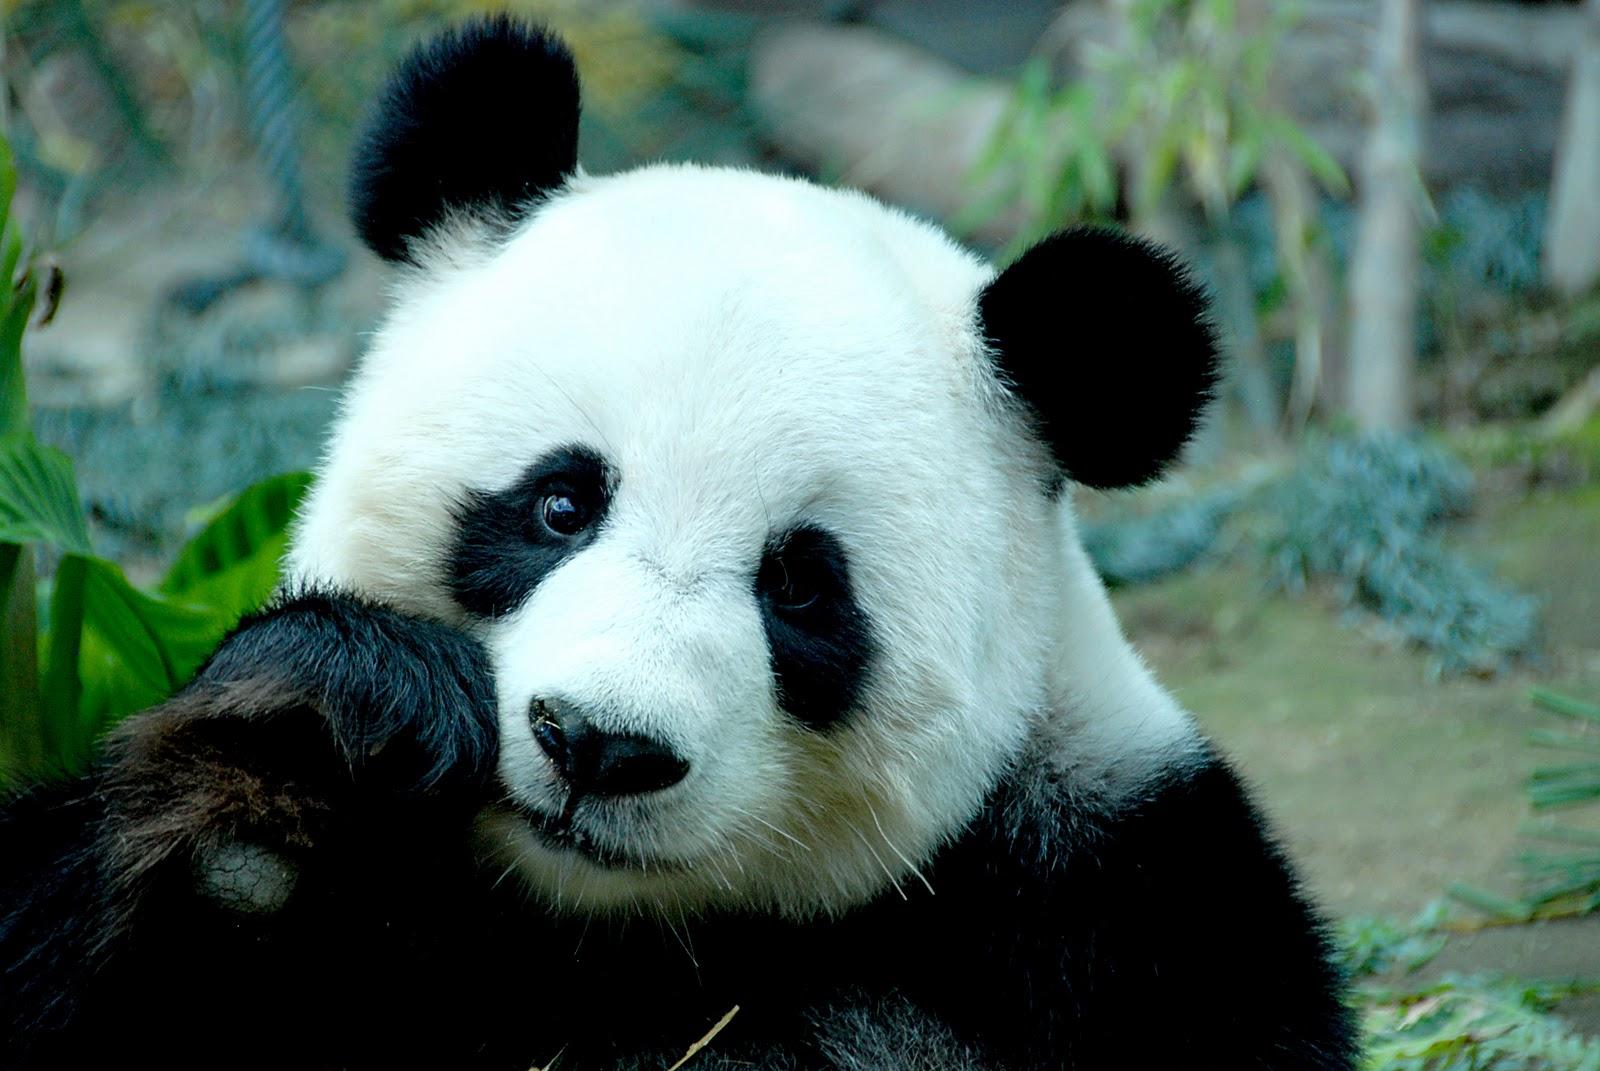 En Peligro De Extinción: Ejemplos De Animales En Peligro De Extinción